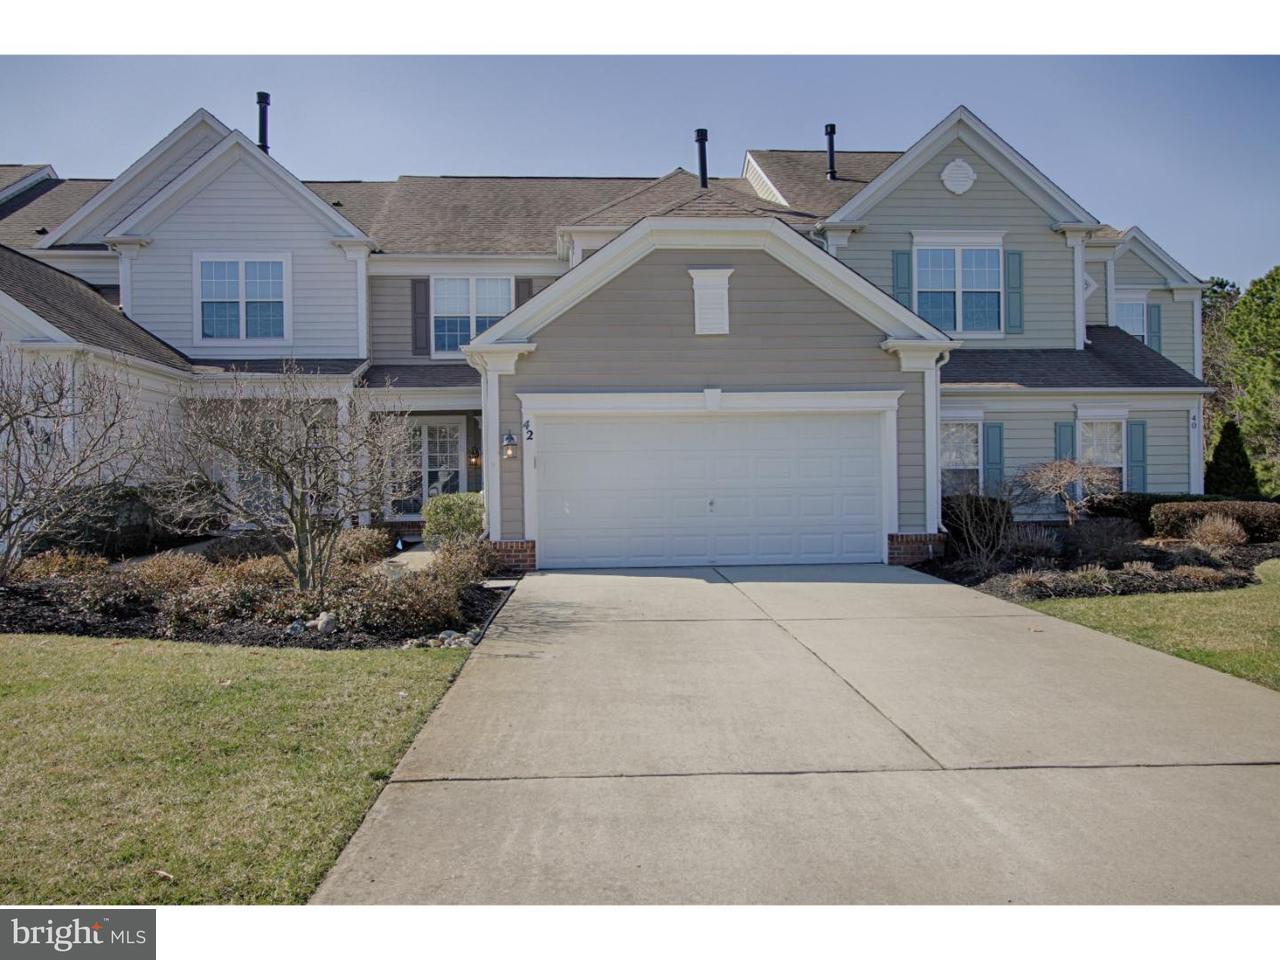 Casa unifamiliar adosada (Townhouse) por un Venta en 42 WRENTHAM Drive Medford, Nueva Jersey 08055 Estados Unidos